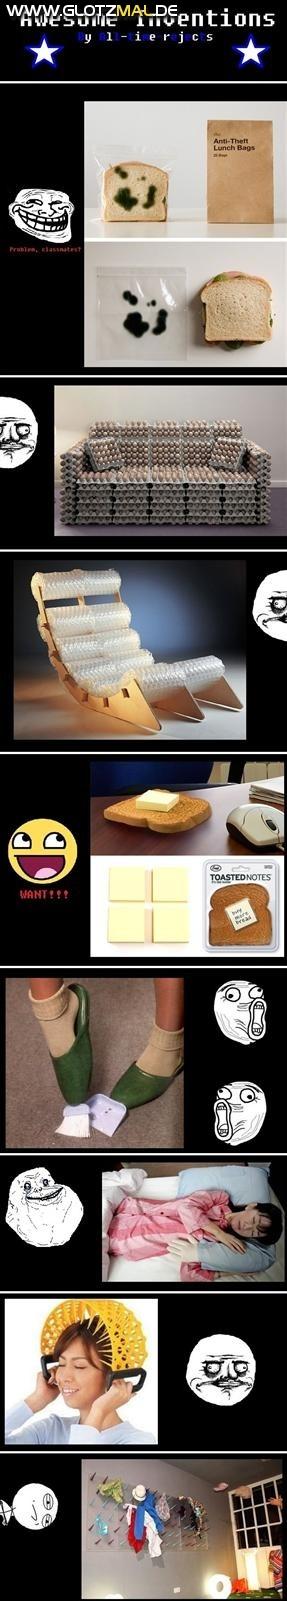 Geile Erfindungen